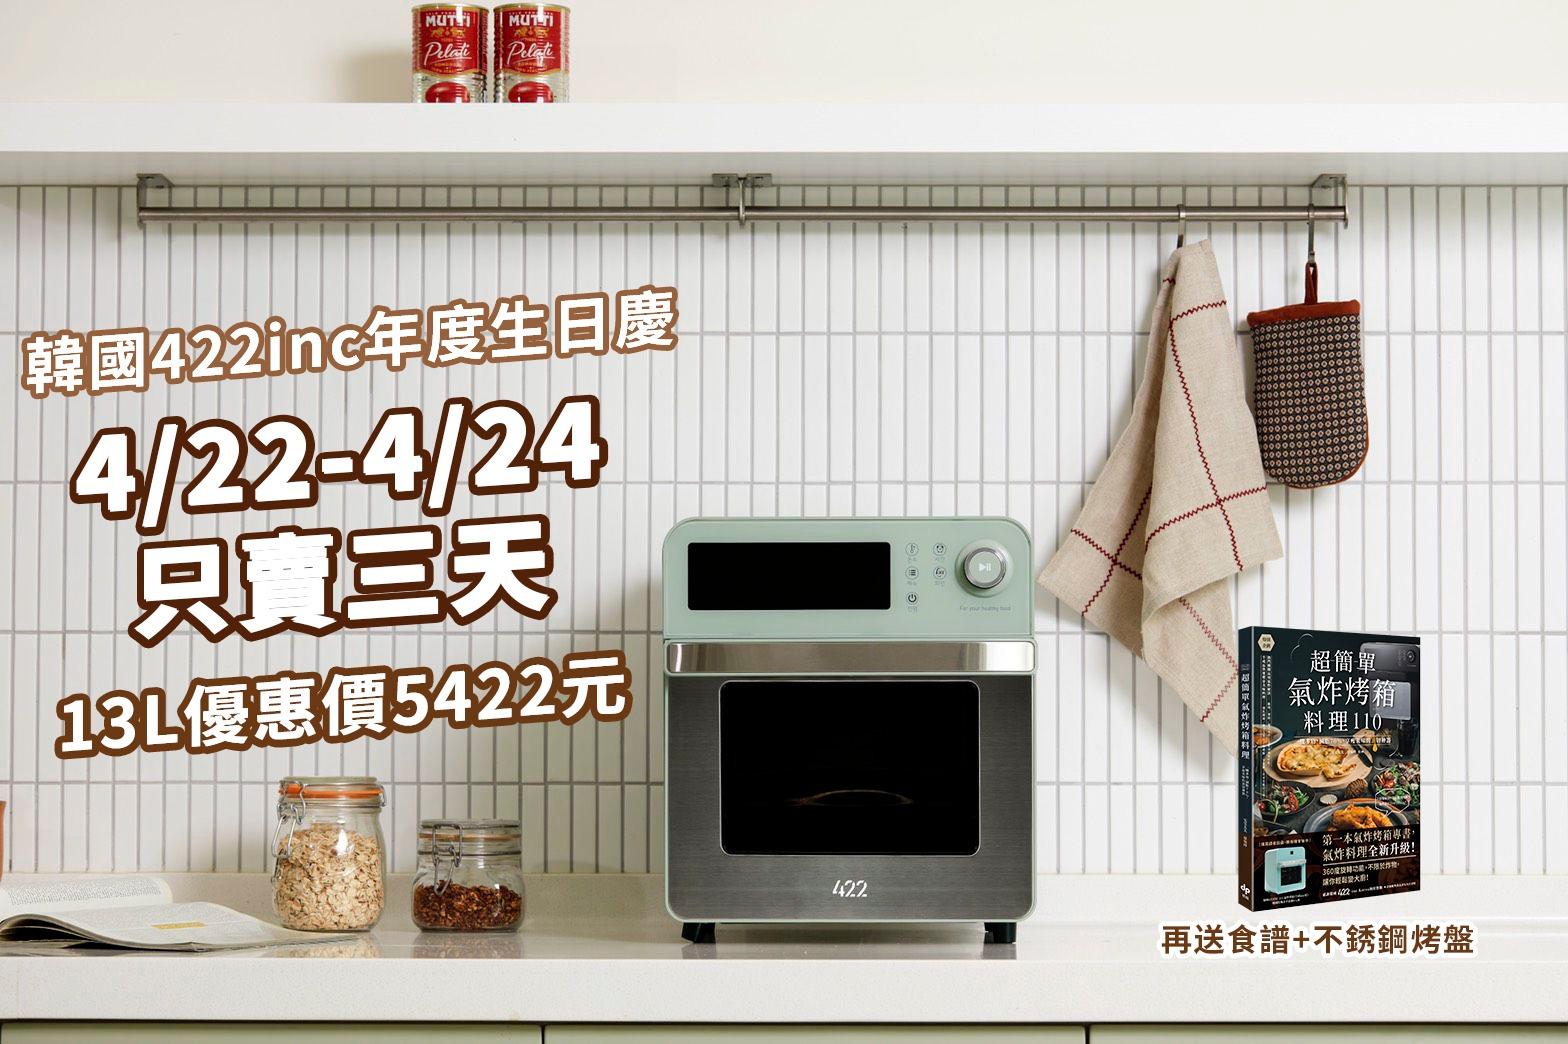 4/22-4/24 三日快閃下殺超低特價!再送!韓國422inc Korea 最美氣炸烤箱新機上市 @愛吃鬼芸芸